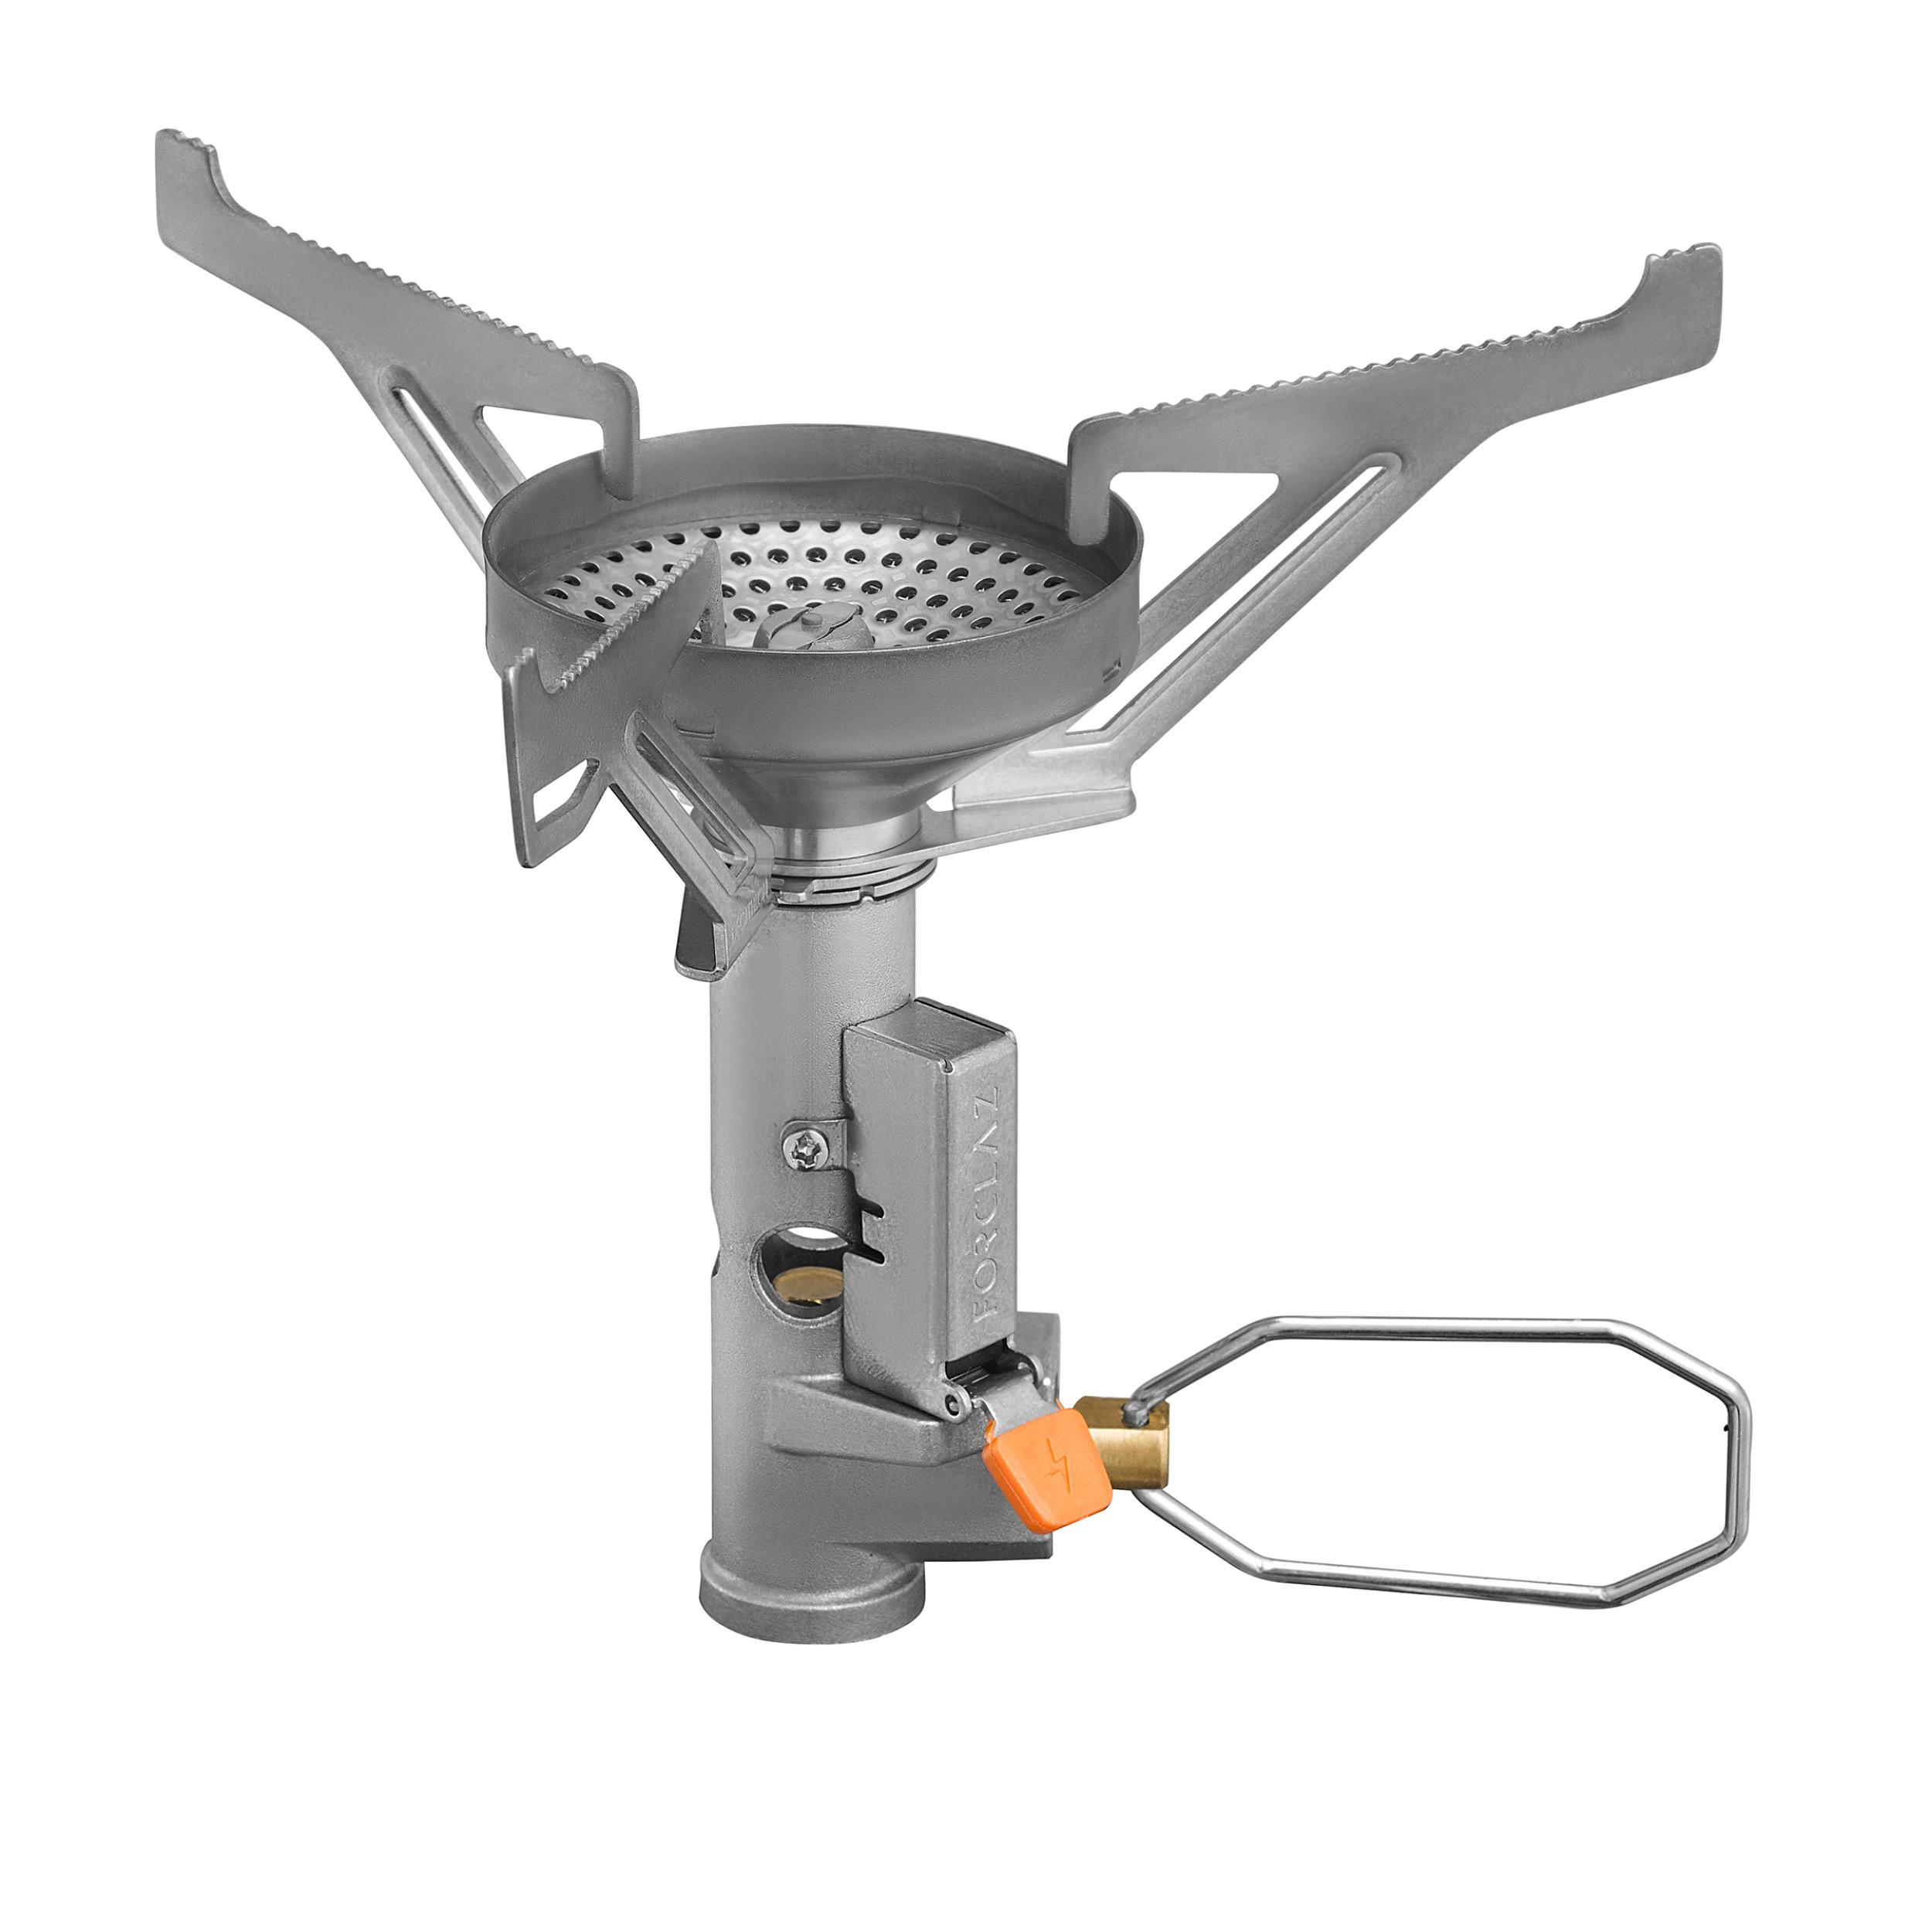 Arzător pe gaz compact TREK500 imagine